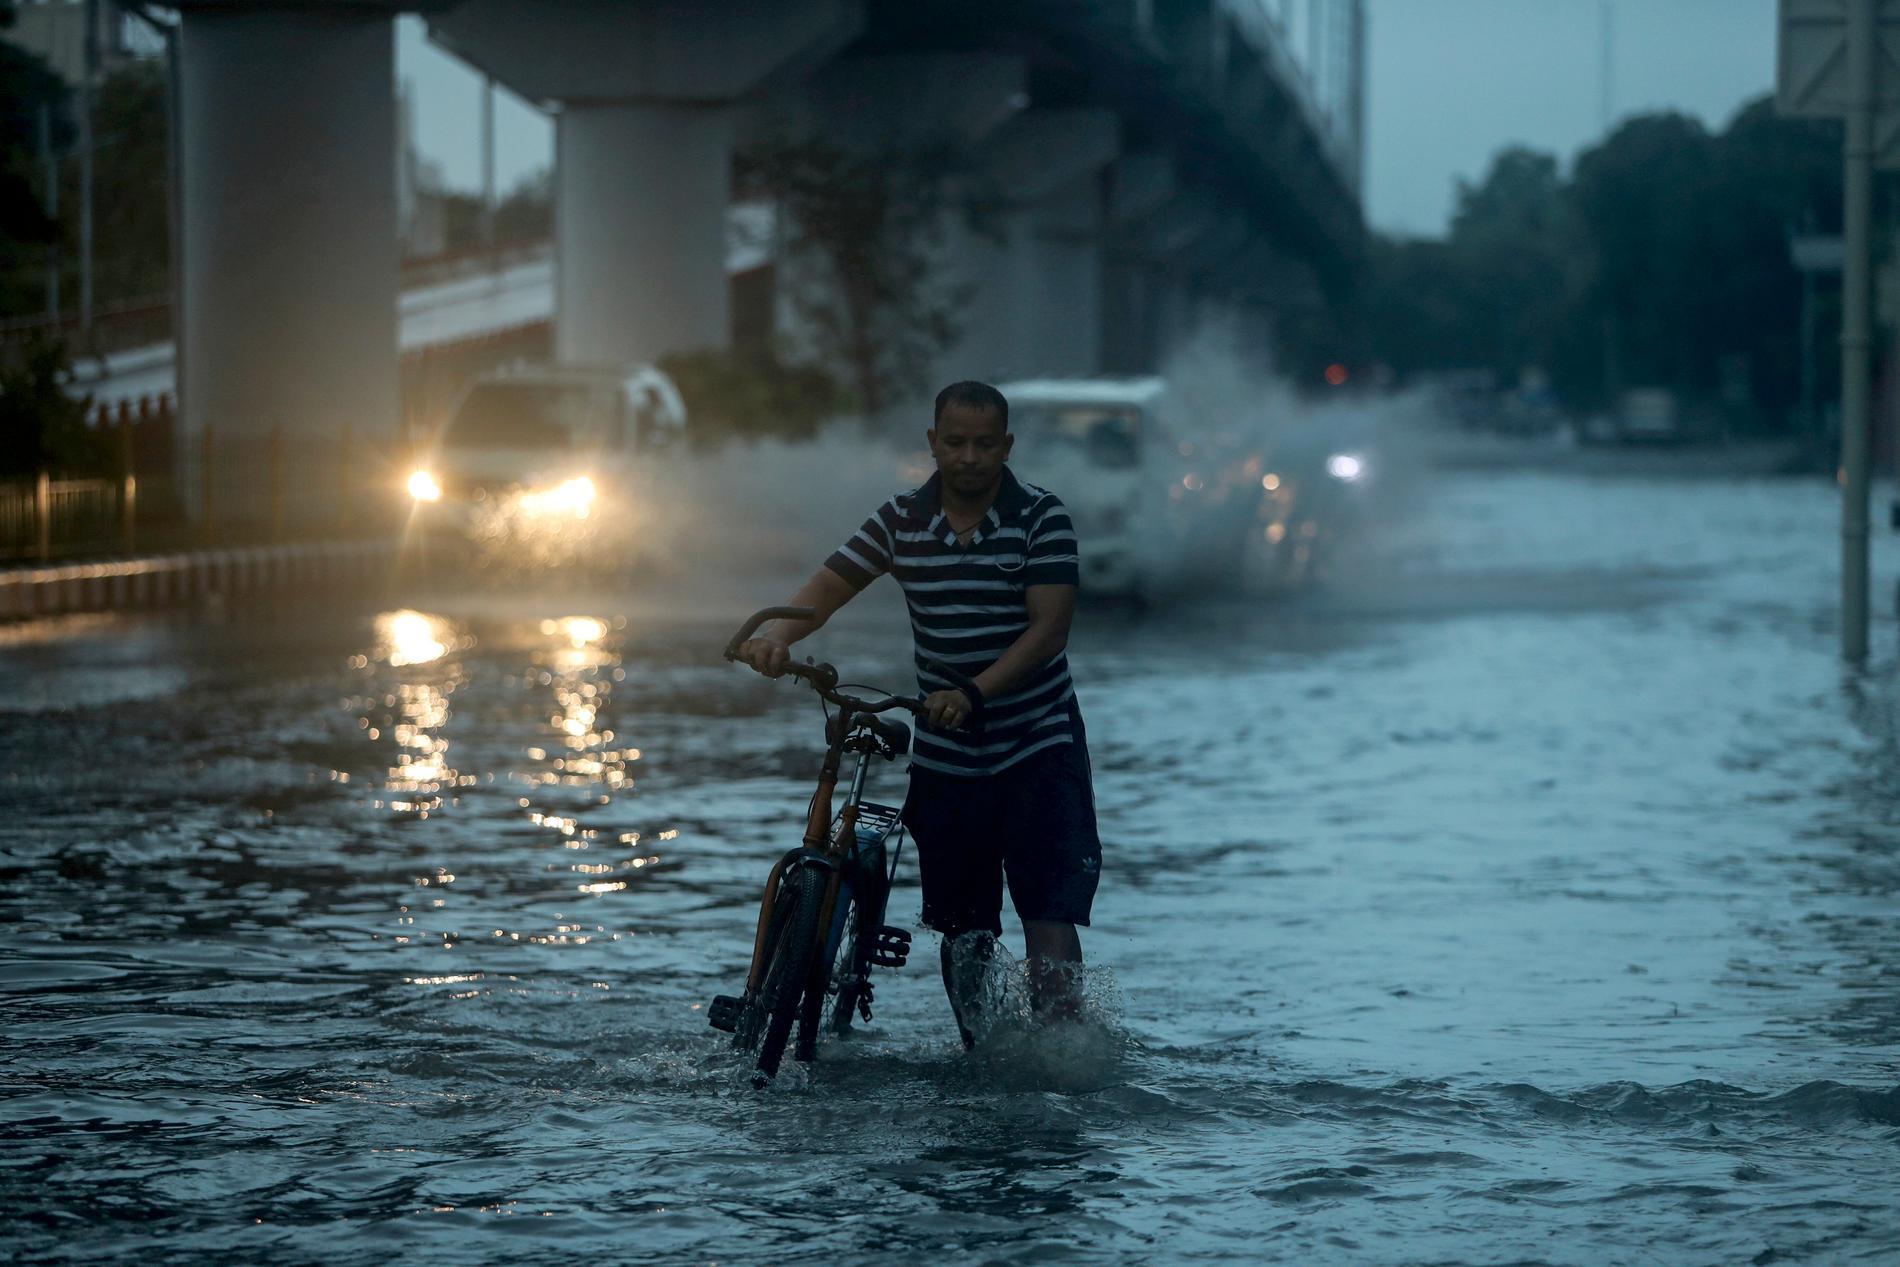 En man vadar med sin cykel genom en översvämmad gata i indiska Jammu.